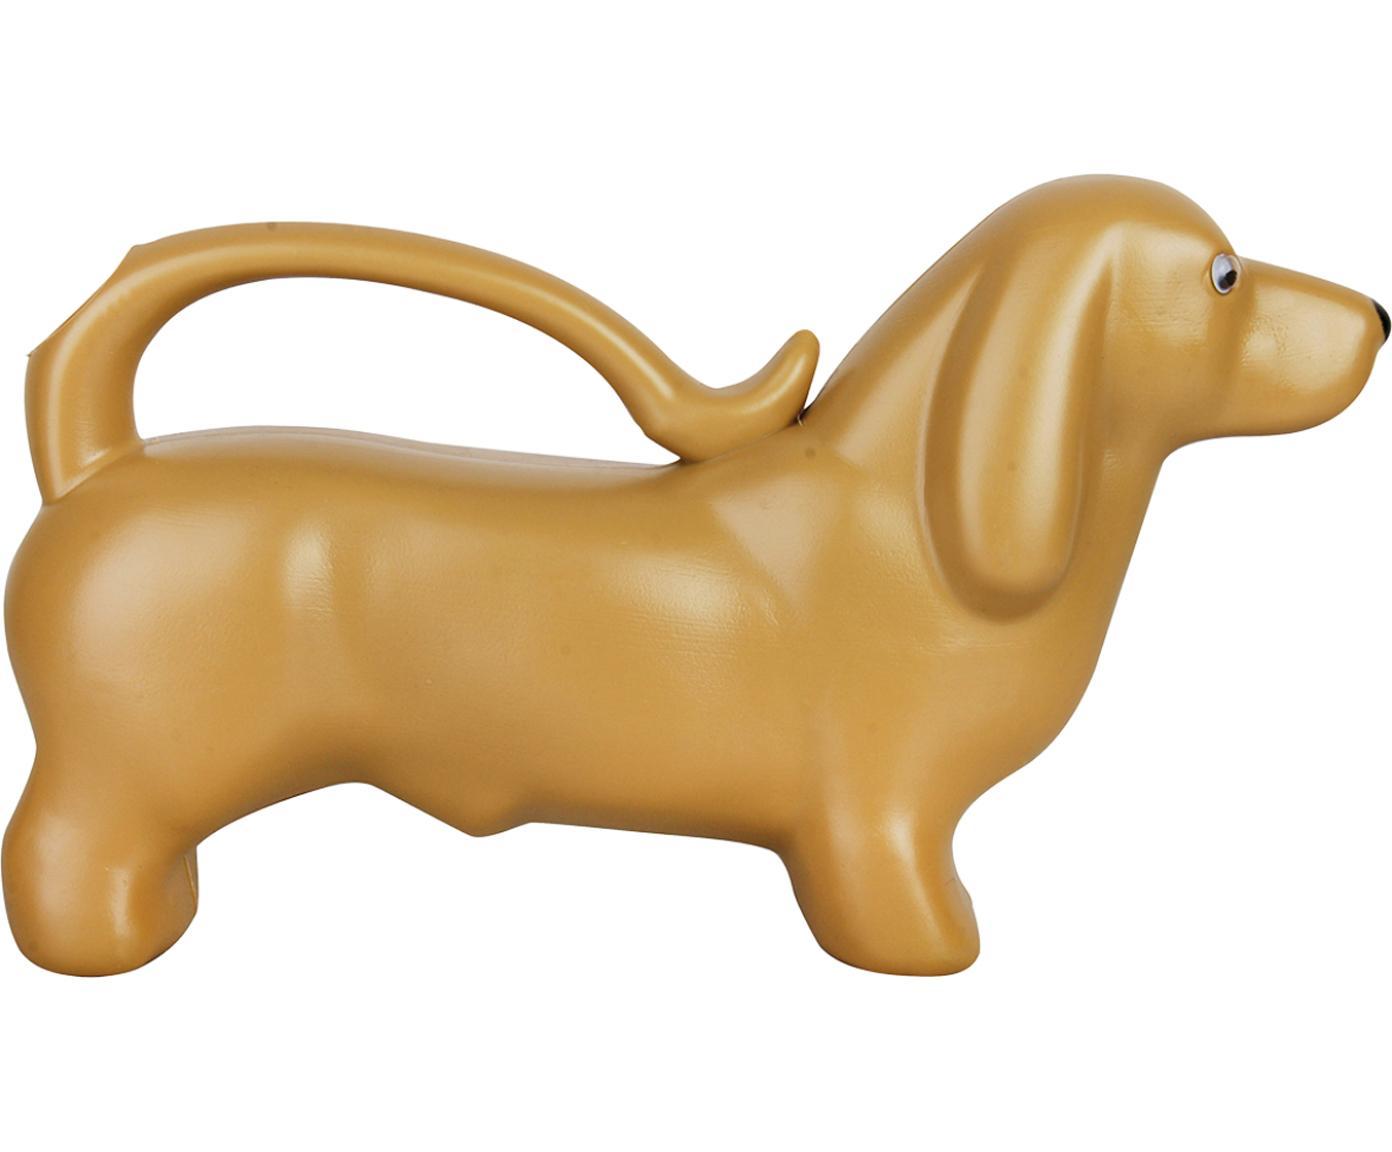 Regadera Dackel, Plástico, Dorado, L 34 x Al 20 cm